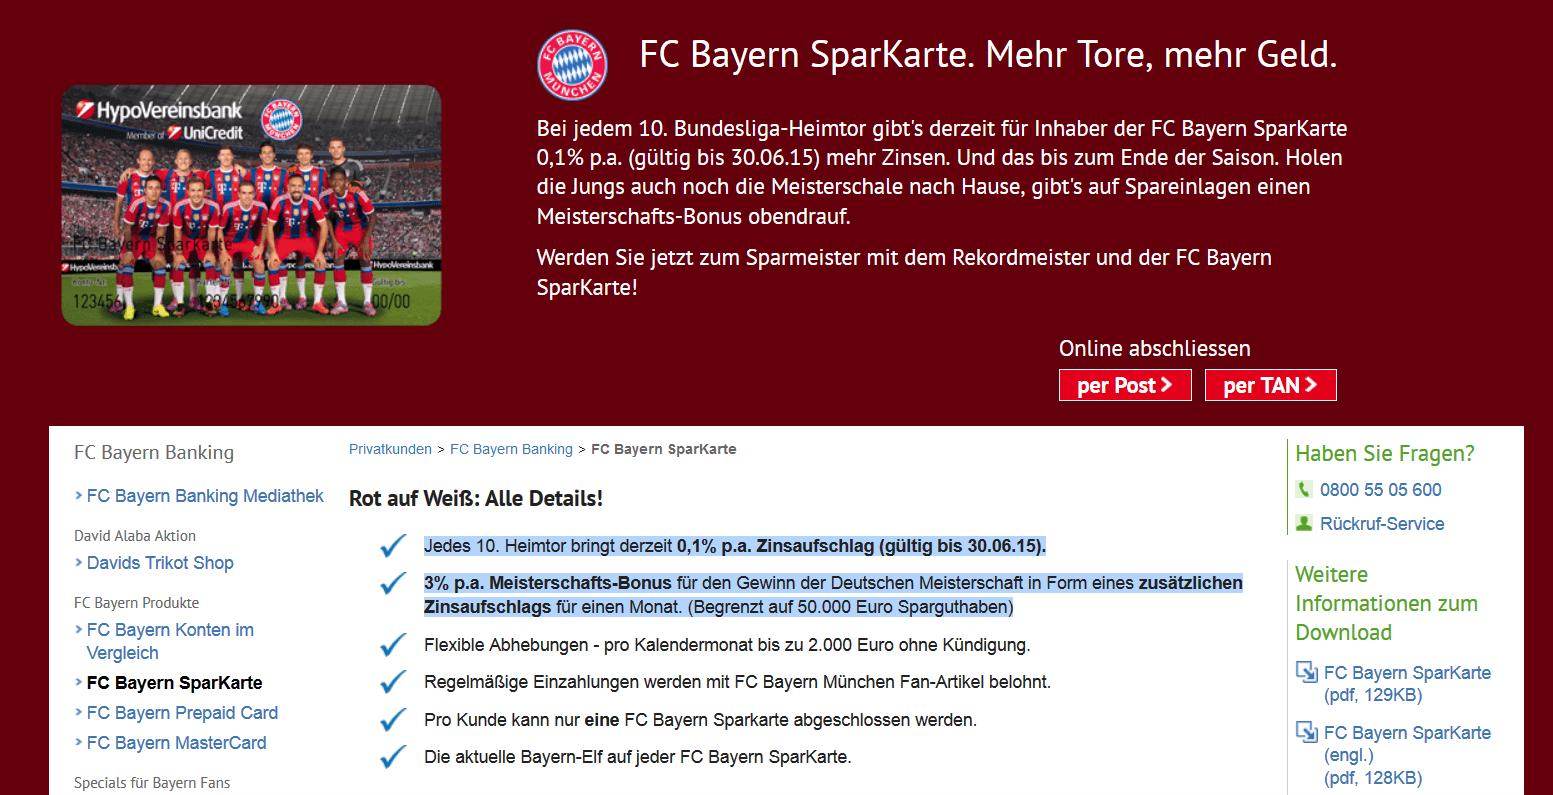 Die Vorteile der FC Bayern SparKarte